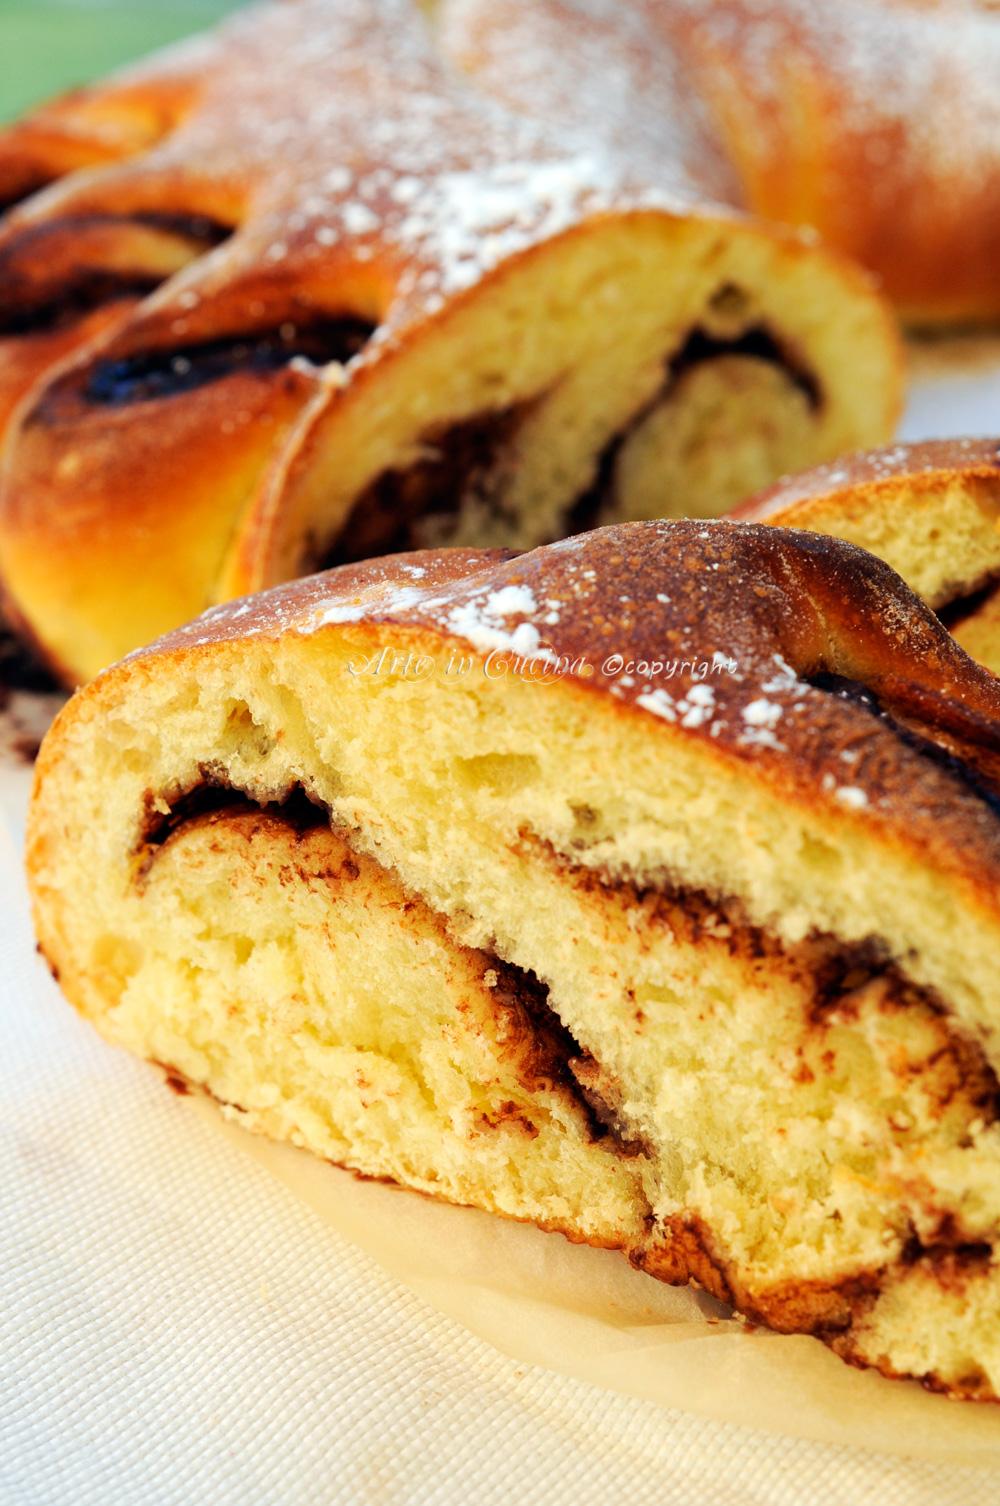 Ventaglio alla nutella pan brioche soffice vickyart arte in cucina